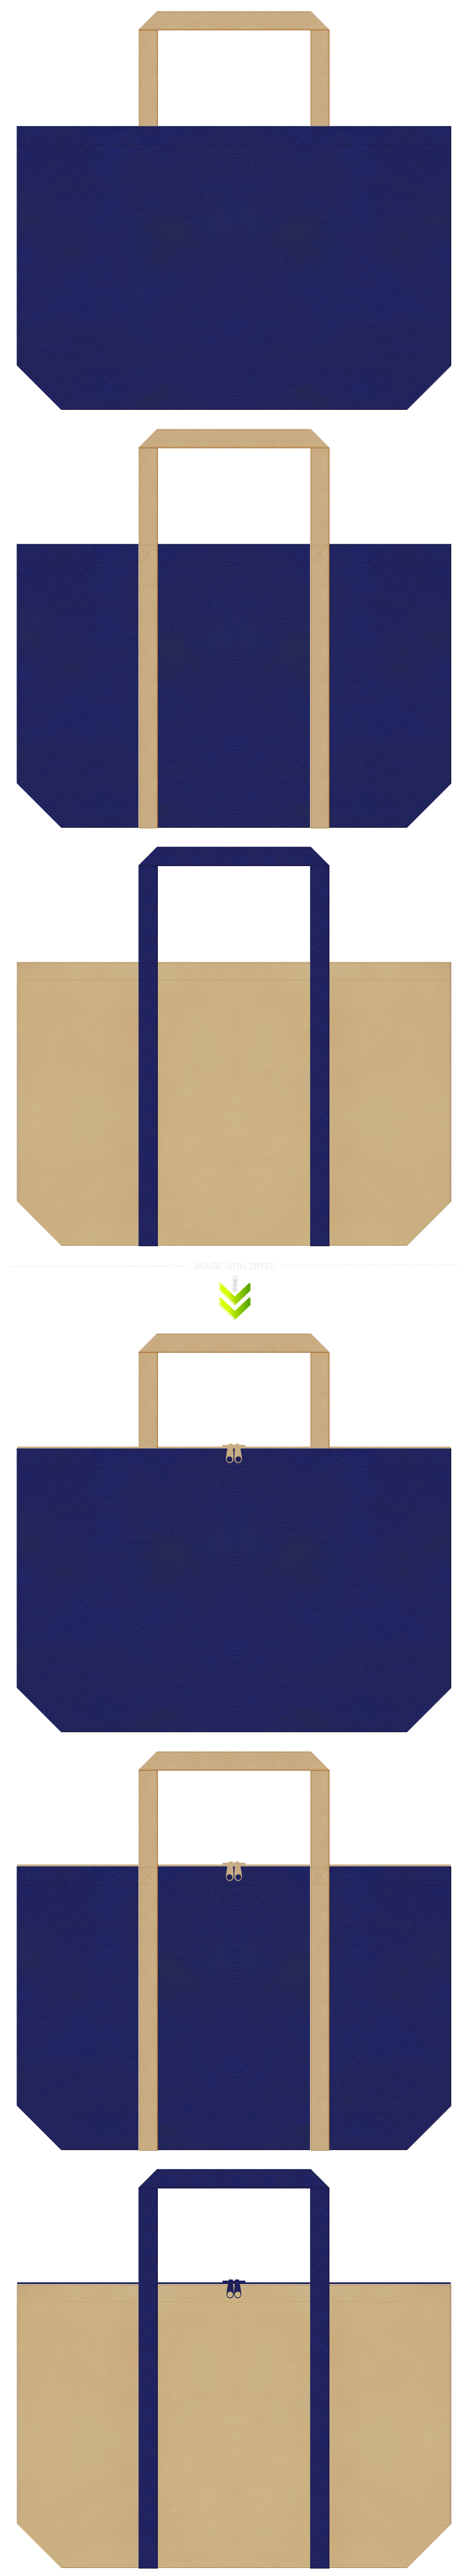 明るい紺色とカーキ色の不織布エコバッグのデザイン。